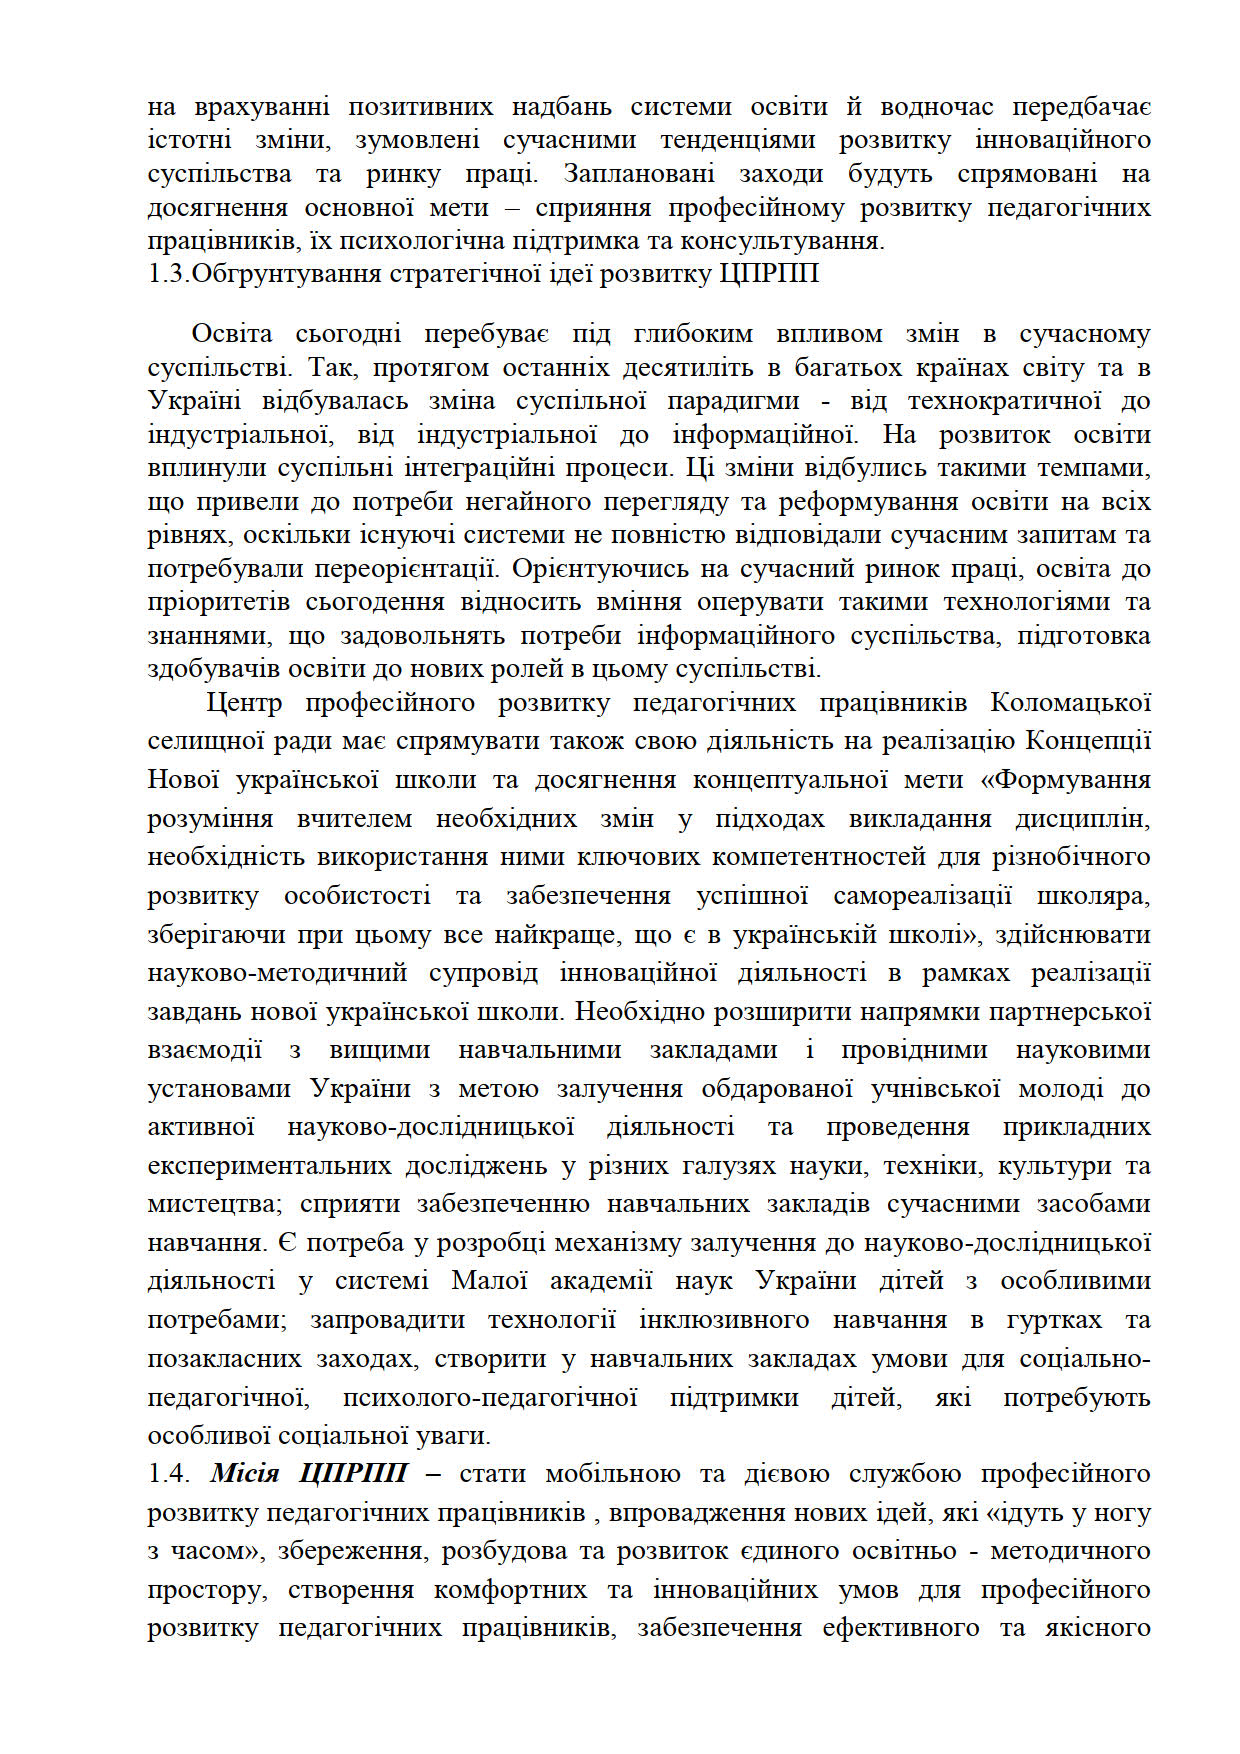 Microsoft Word - стратегія розвитку ЦПРПП_3